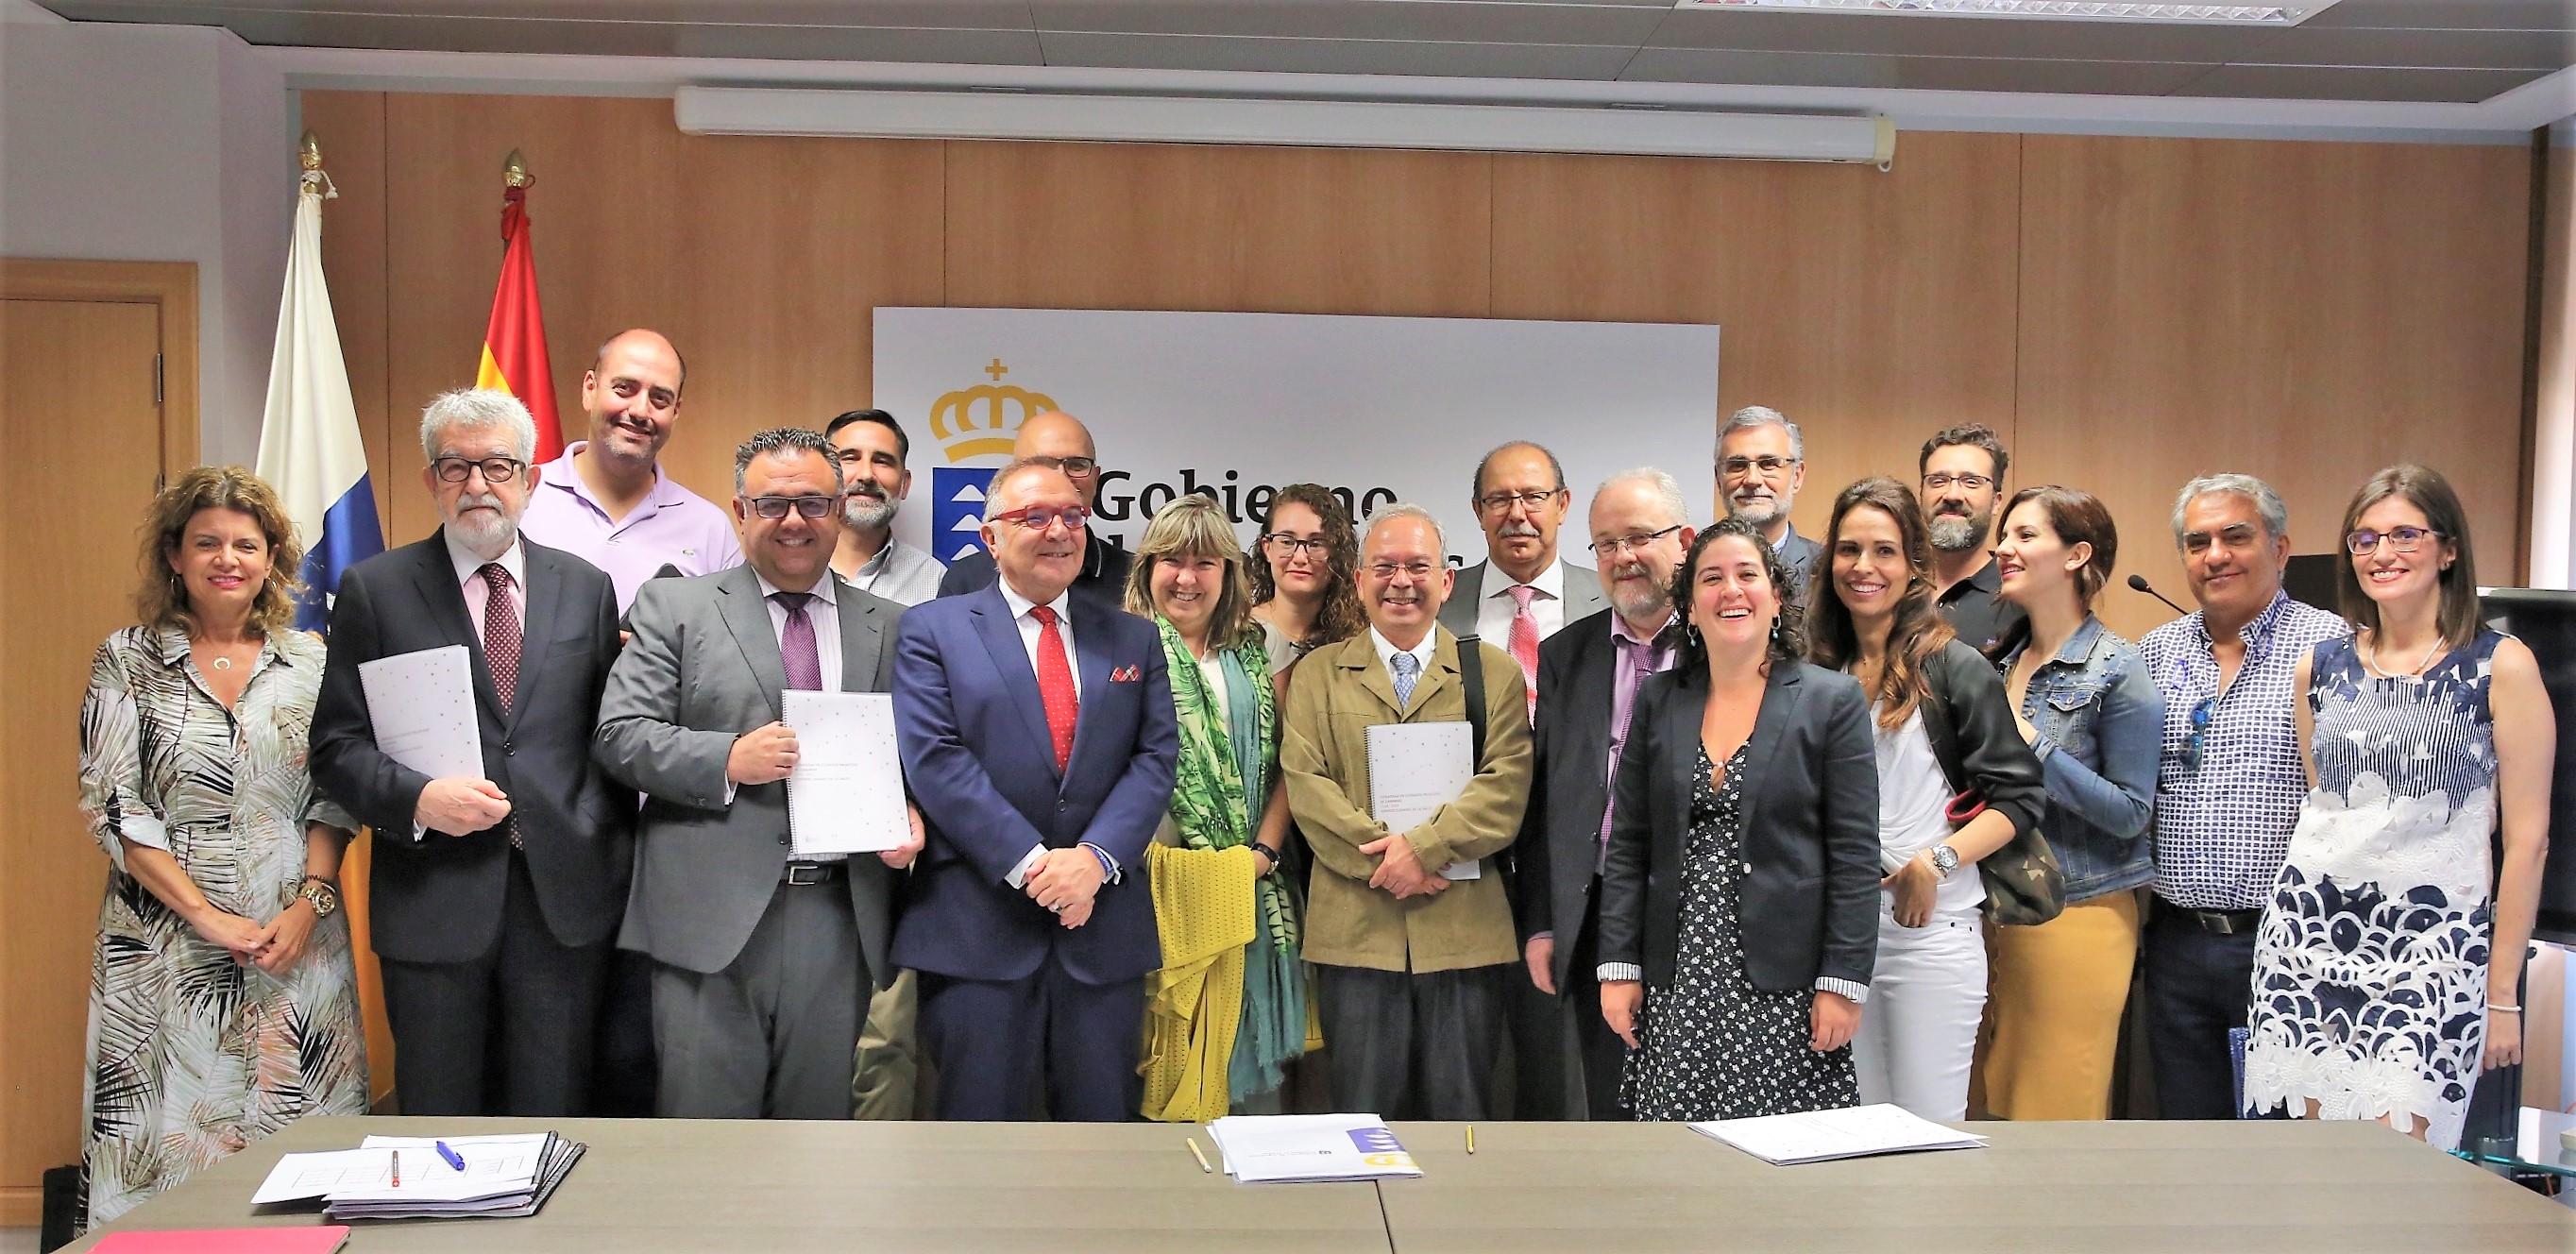 Sanidad presenta la Estrategia Canaria de Cuidados Paliativos 2018-2021